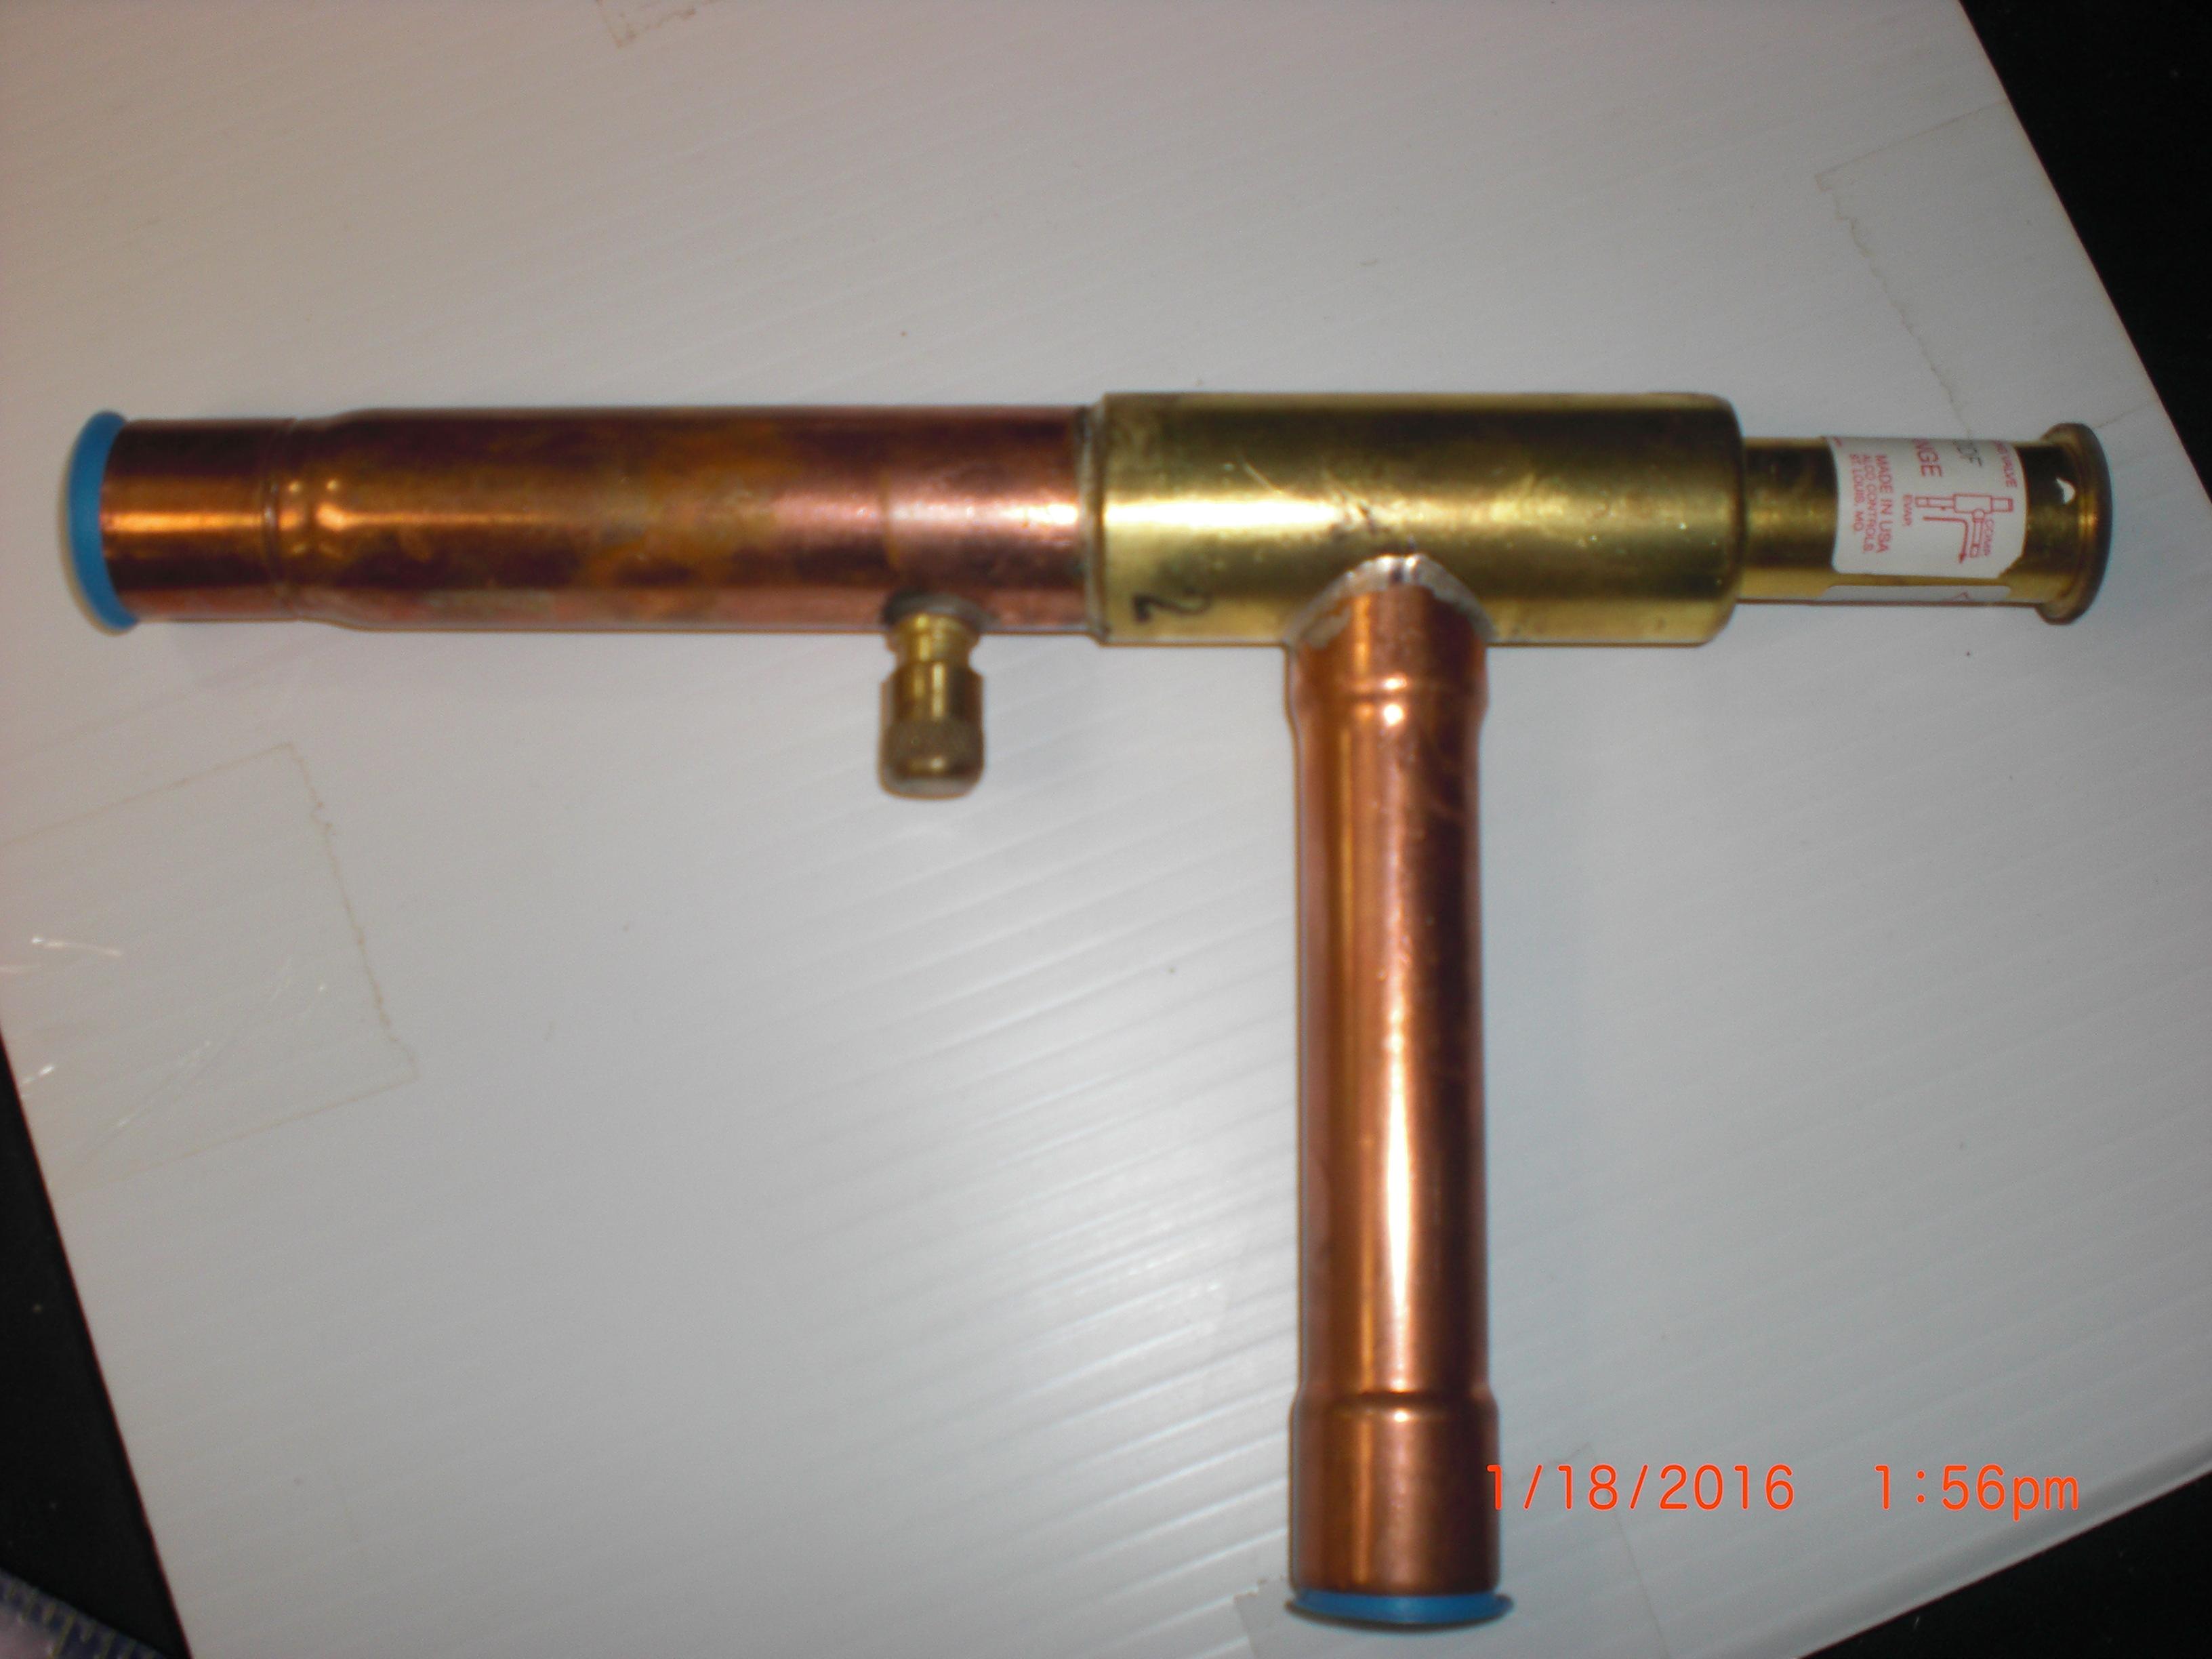 Valve ALCO IPR-6 Evaporator Pressure regulating valve  30-100 range 7/8 ODF